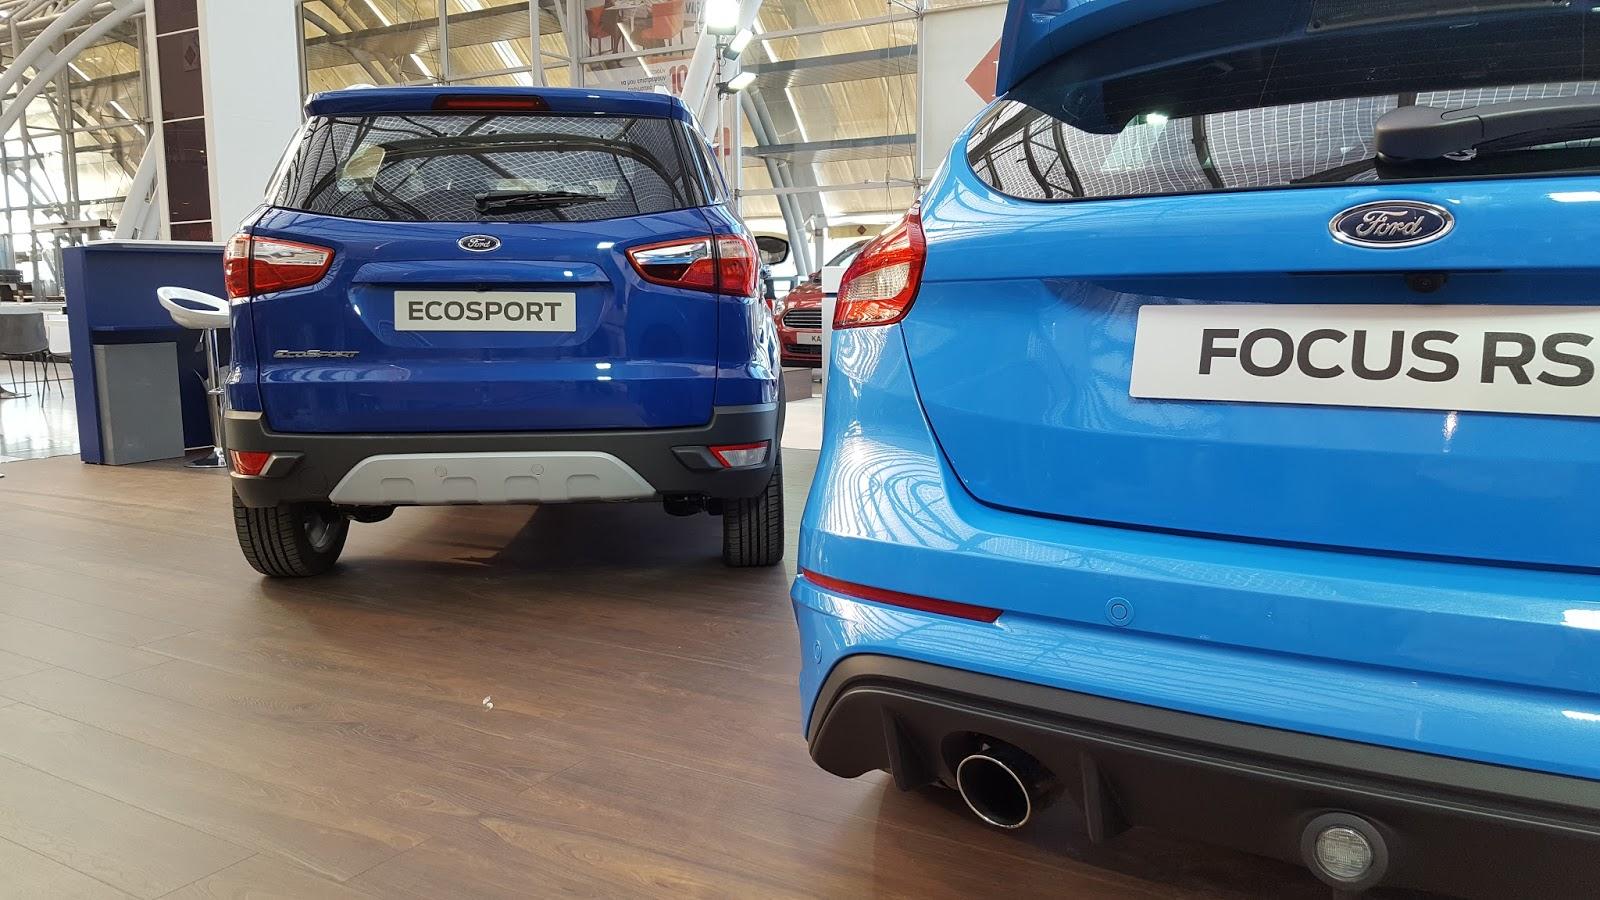 20160928 090951 1 Δείτε όλα τα νέα μοντέλα Ford στο The Mall Athens Ford, Ford EcoSport, Ford Fiesta ST-Line, Ford Focus RS, Ford KA+